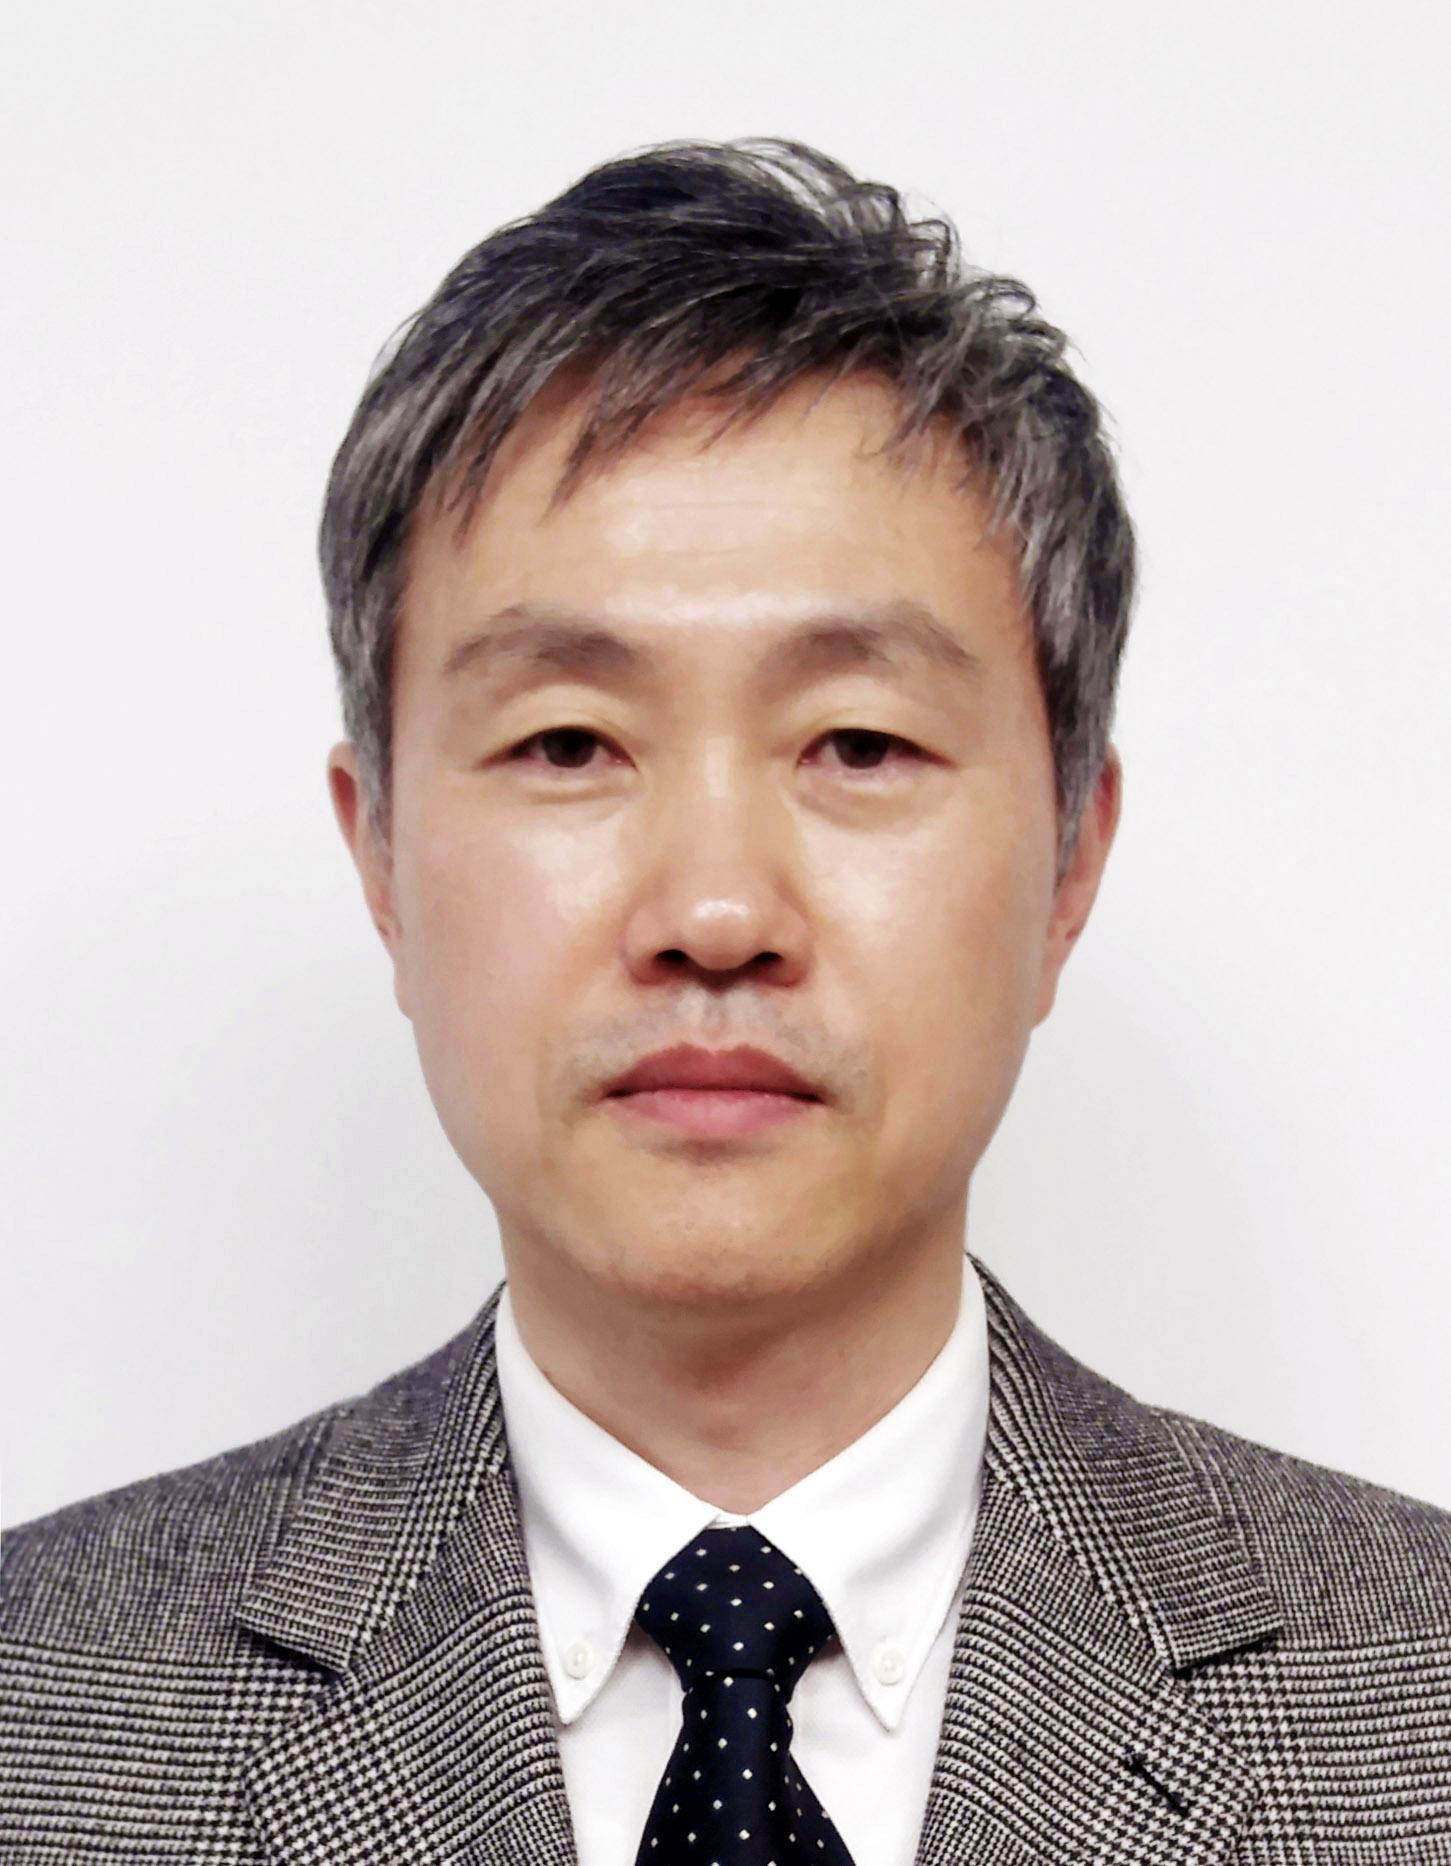 윤성호 교수 사진